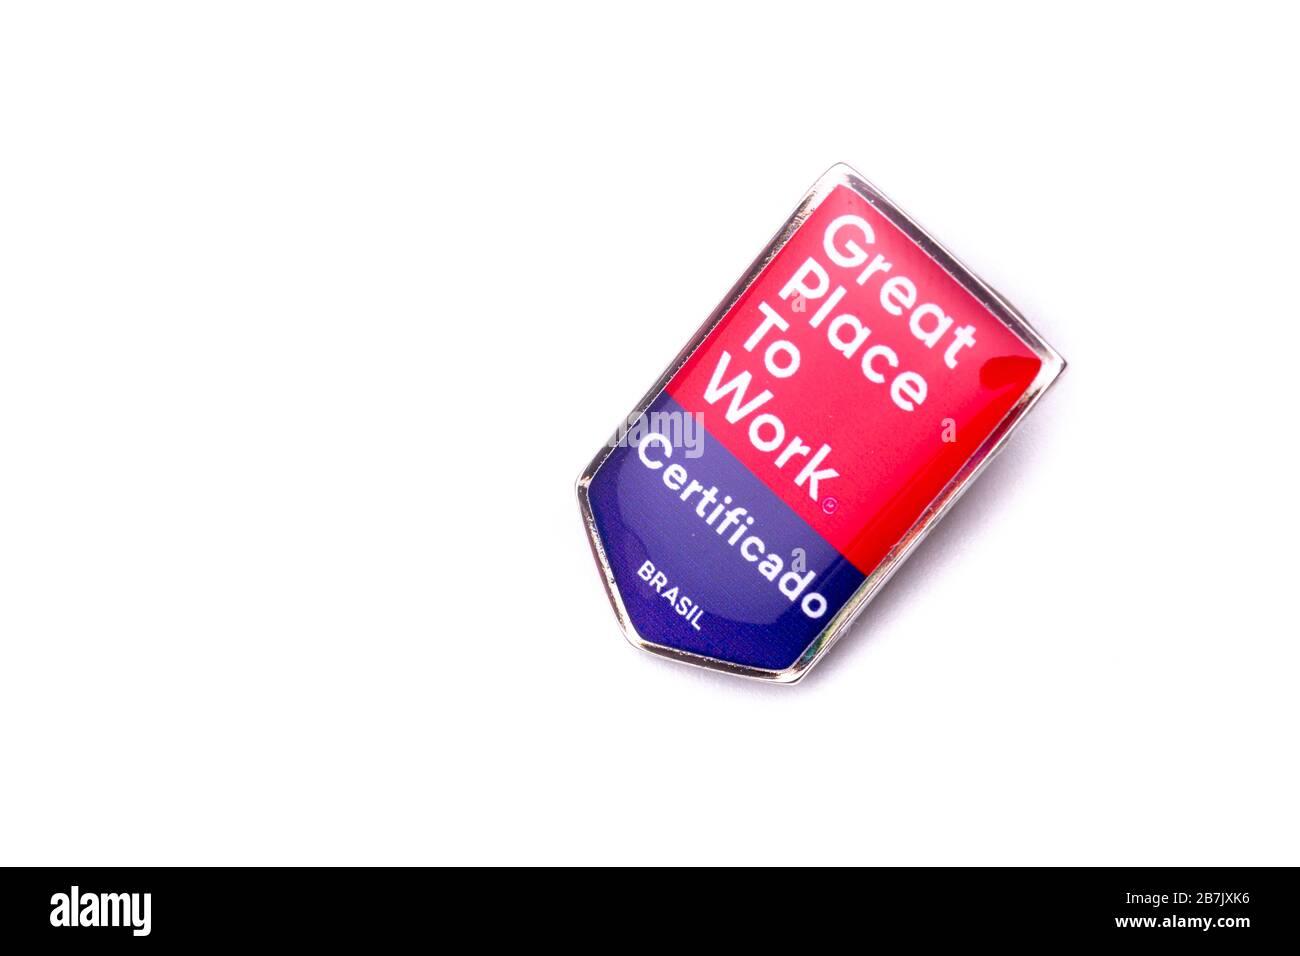 Bouton fermoir avec le texte excellent endroit pour travailler sur une surface de relief rouge et bleu réfléchissant sur un fond blanc. TRADUCTION: 'CERTIFIÉE. BRÉSIL » Banque D'Images